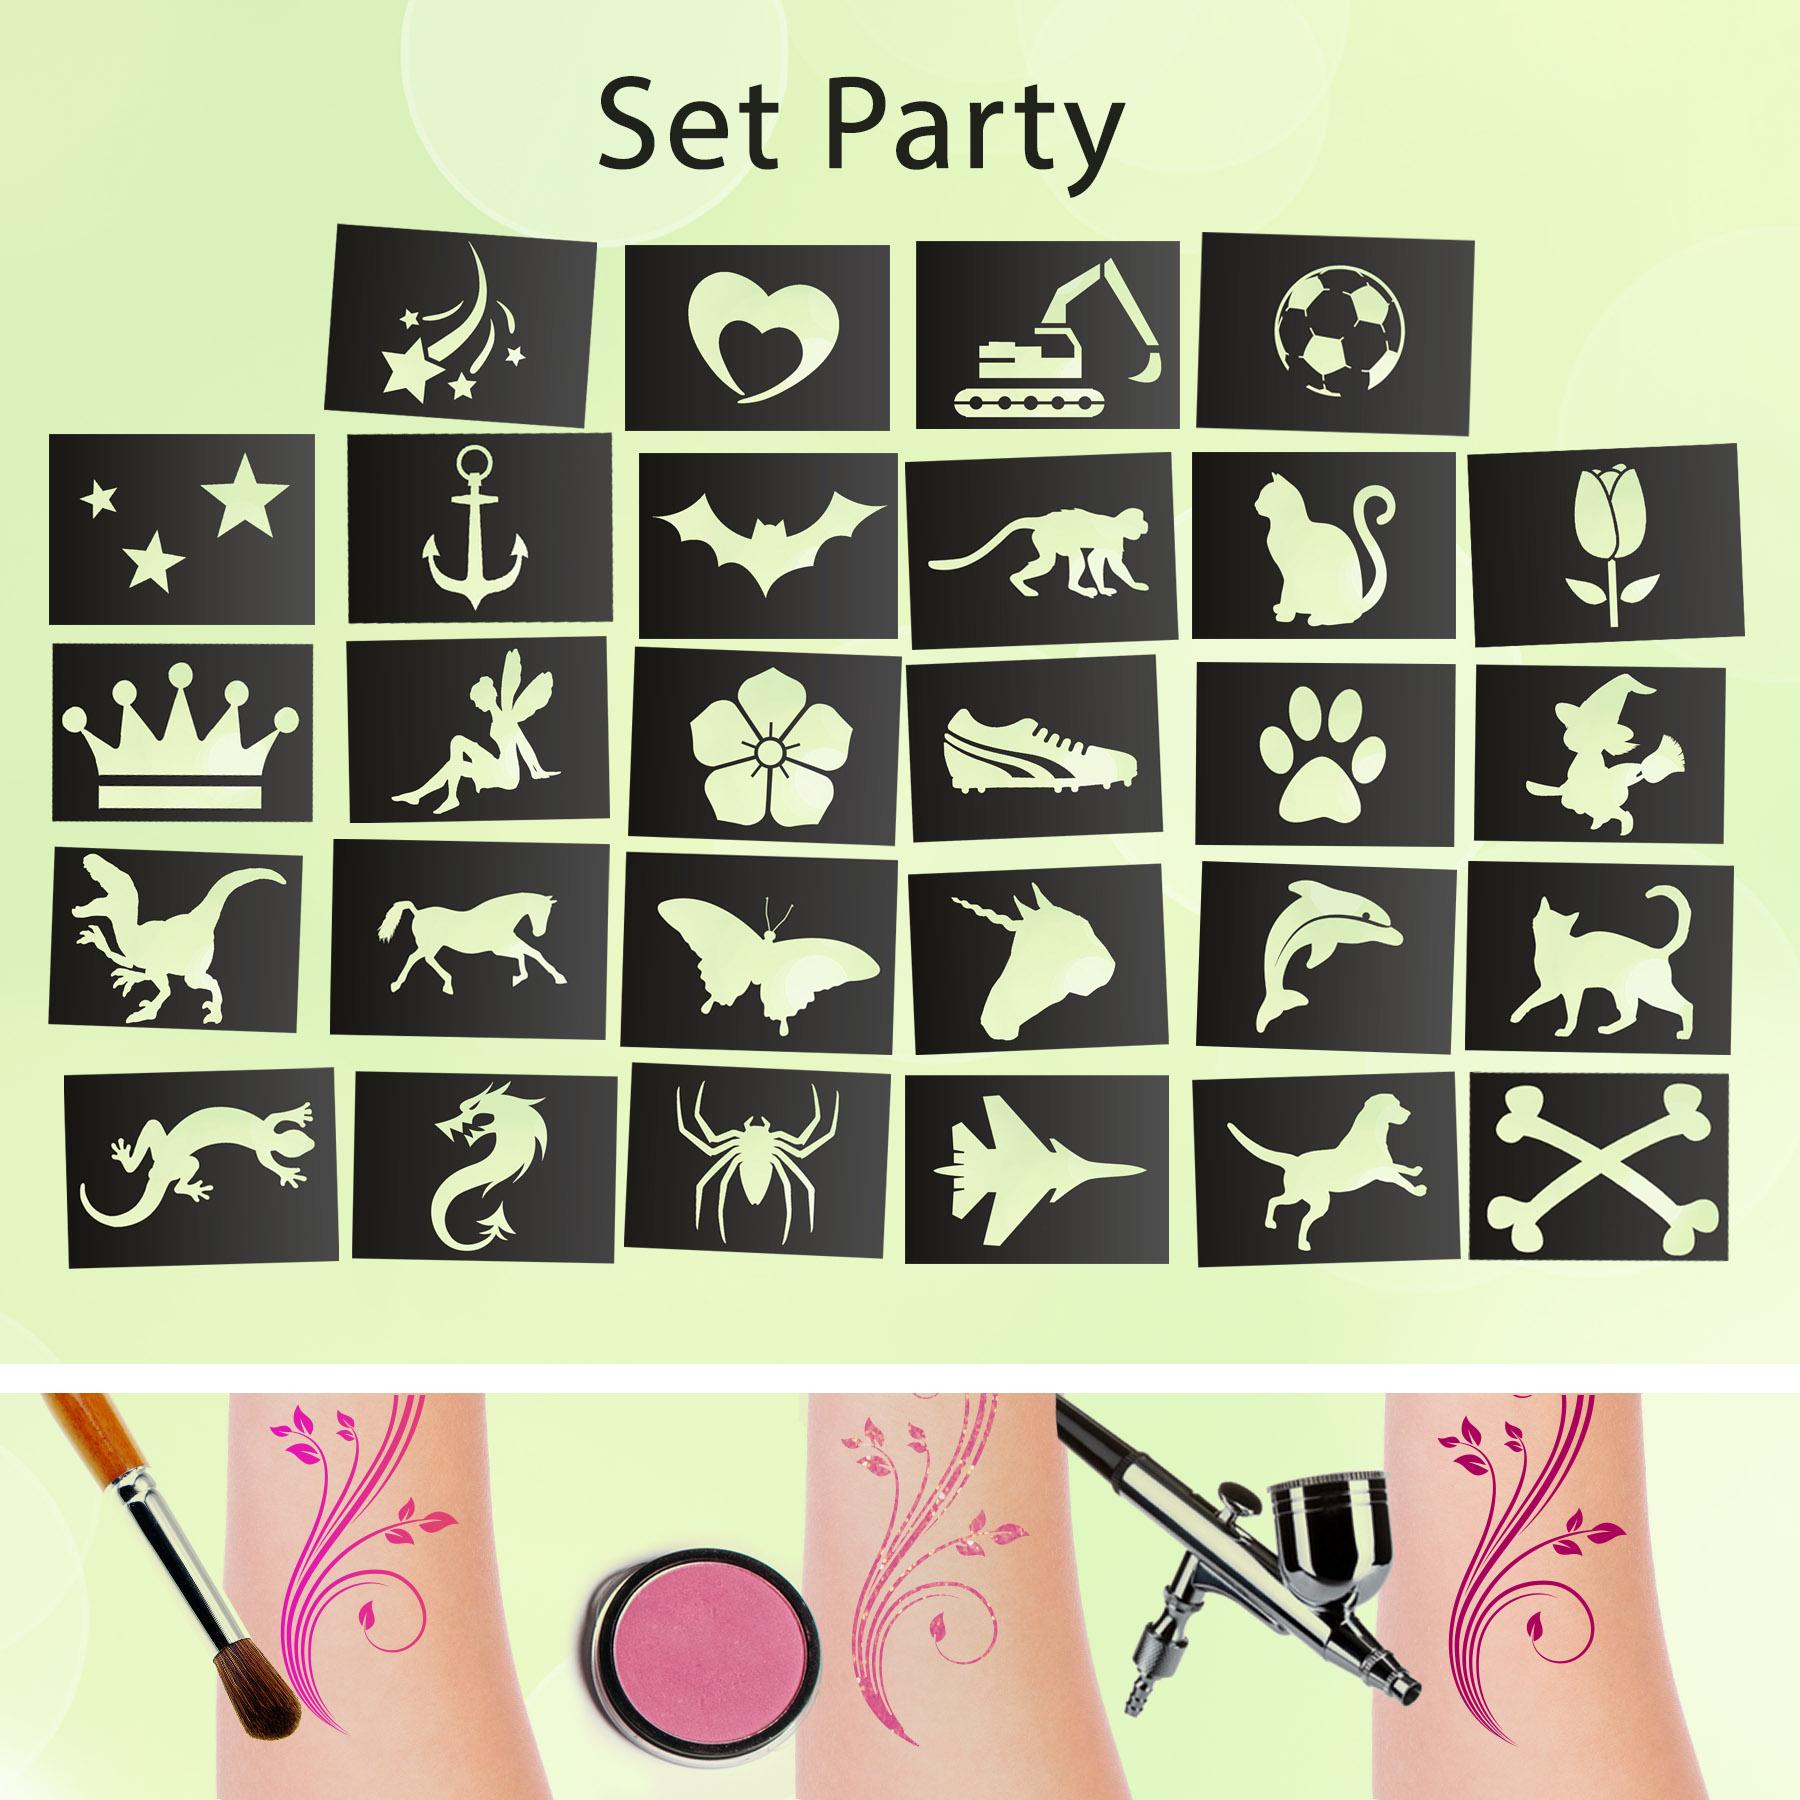 Glitzer Tattoo SET PARTY mit Profikleber, 2x Pinsel, 10x Glitzer, 28x Tattooschablone